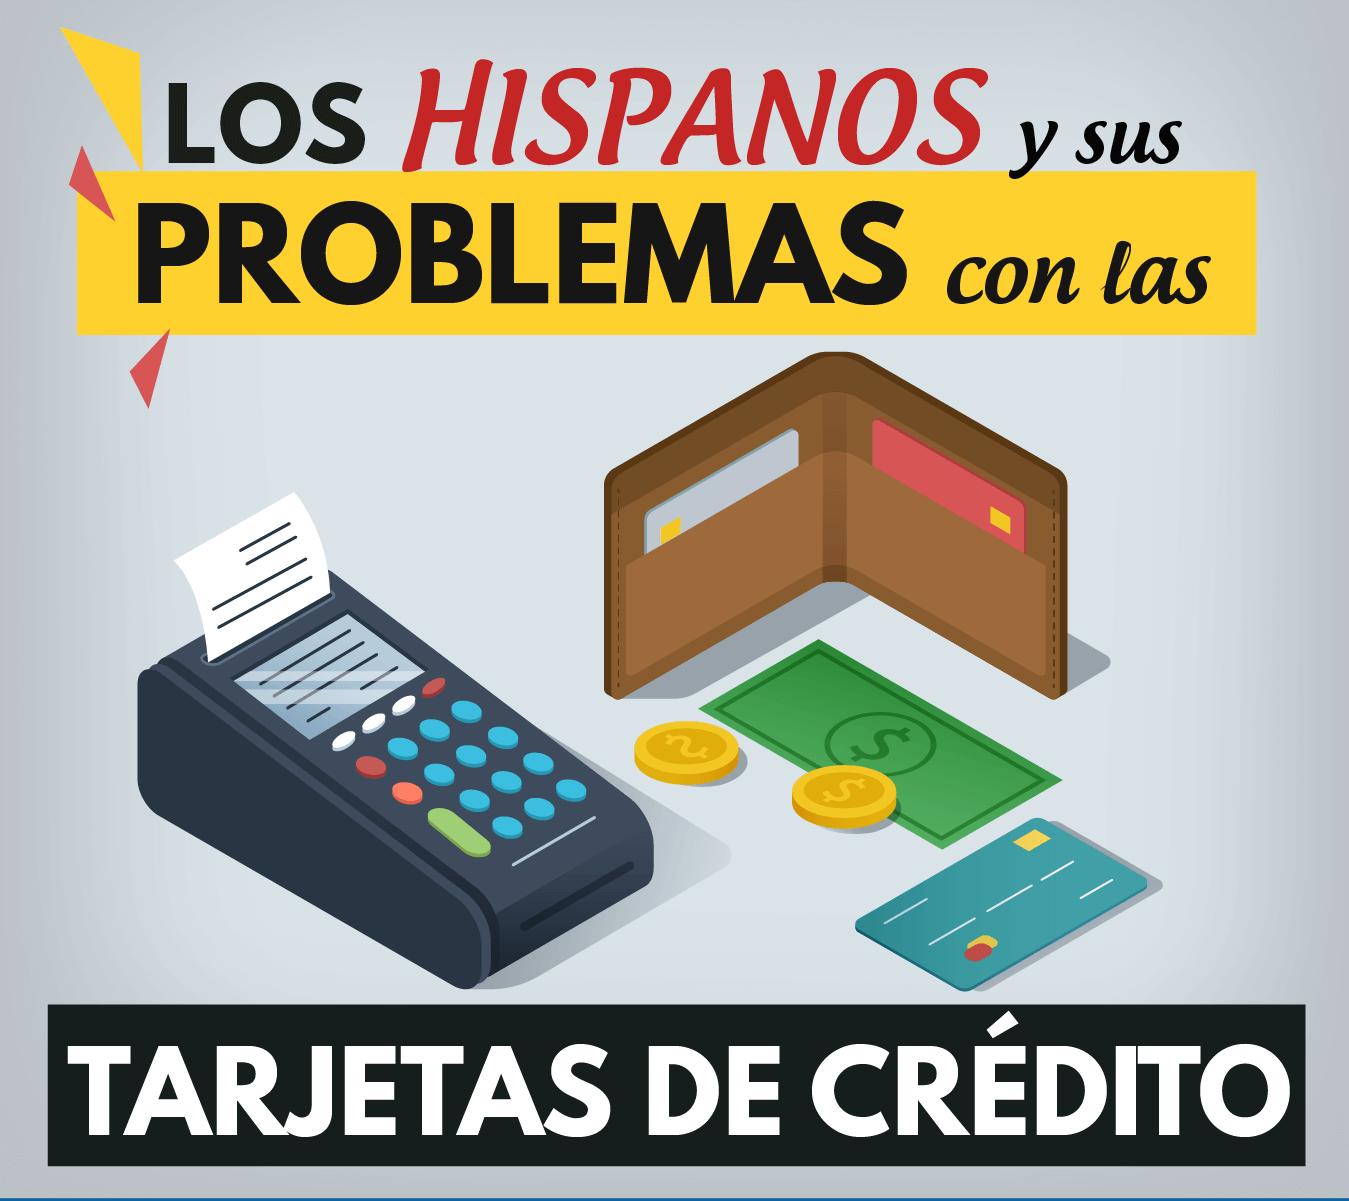 Encuesta sobre los hispanos y sus problemas con las tarjetas de crédito